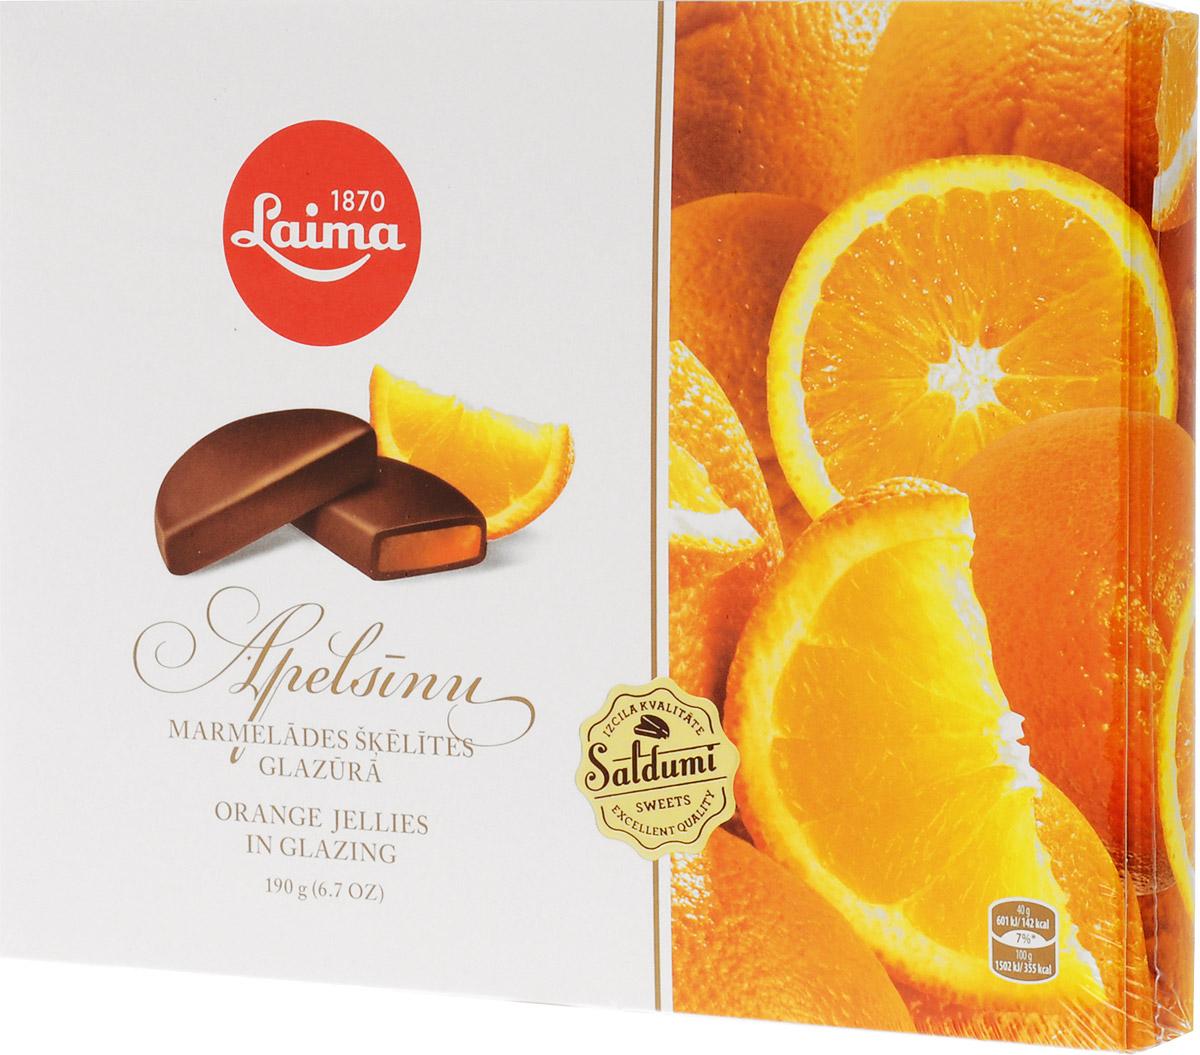 Laima Мармелад в шоколаде, 190 гP220208410Апельсиновый мармелад а темном шоколаде в виде долек в подарочном оформлении. Уважаемые клиенты! Обращаем ваше внимание на то, что упаковка может иметь несколько видов дизайна. Поставка осуществляется в зависимости от наличия на складе.